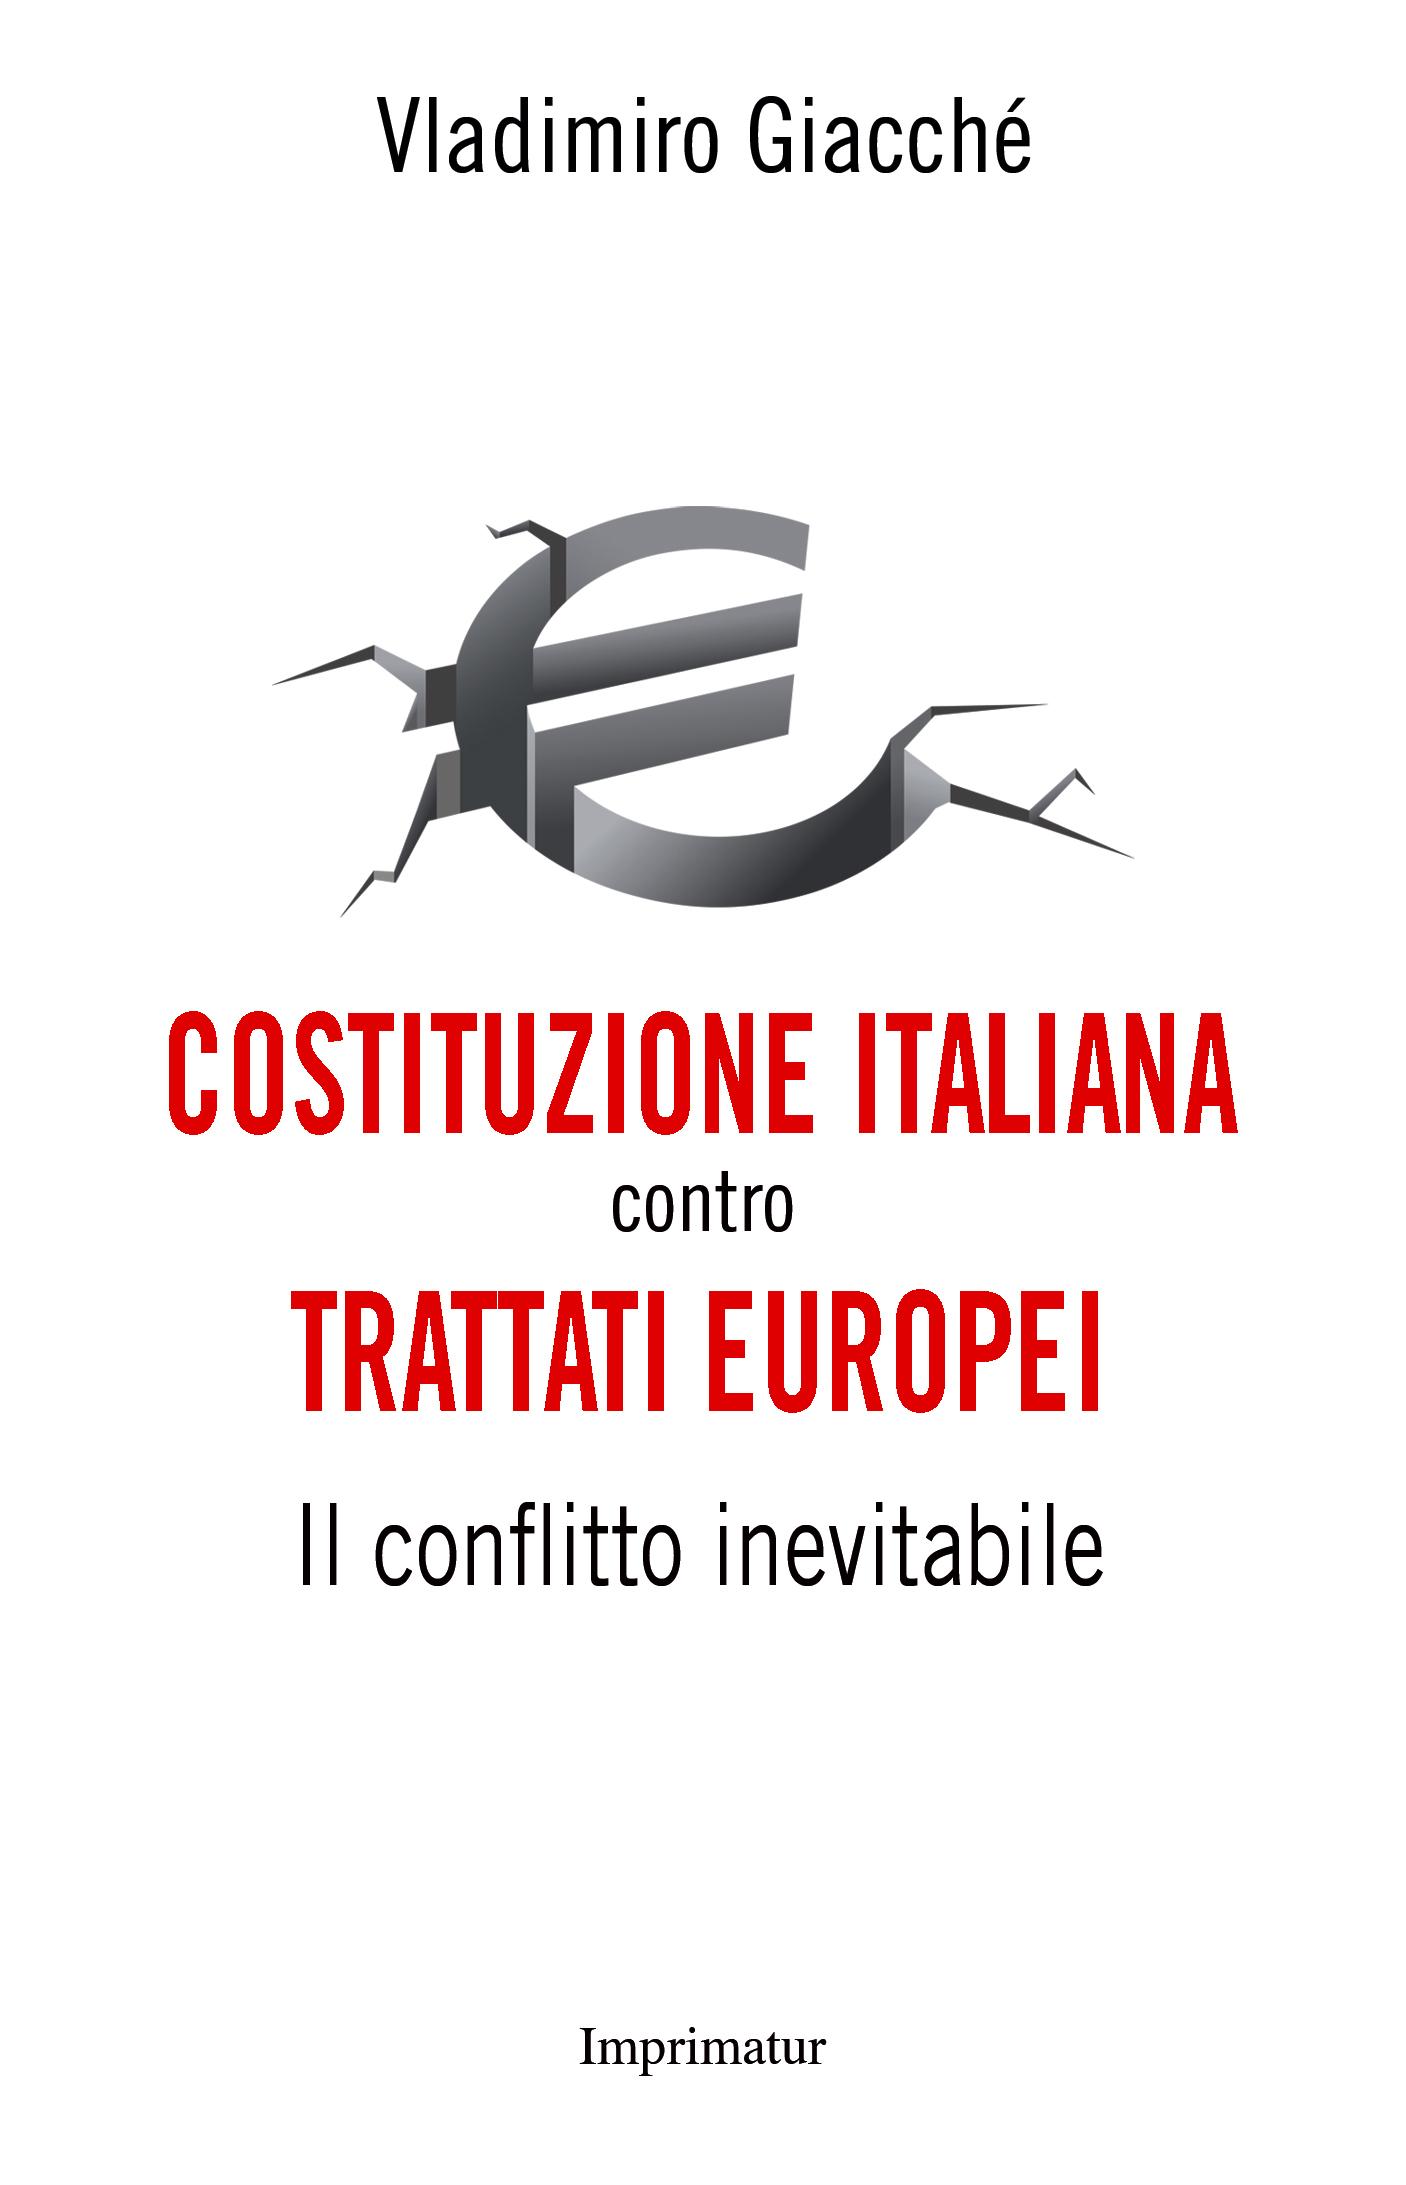 COSTITUZIONE_ITALIANA_contro_TRATTATI_EUROPEI_fronte_high